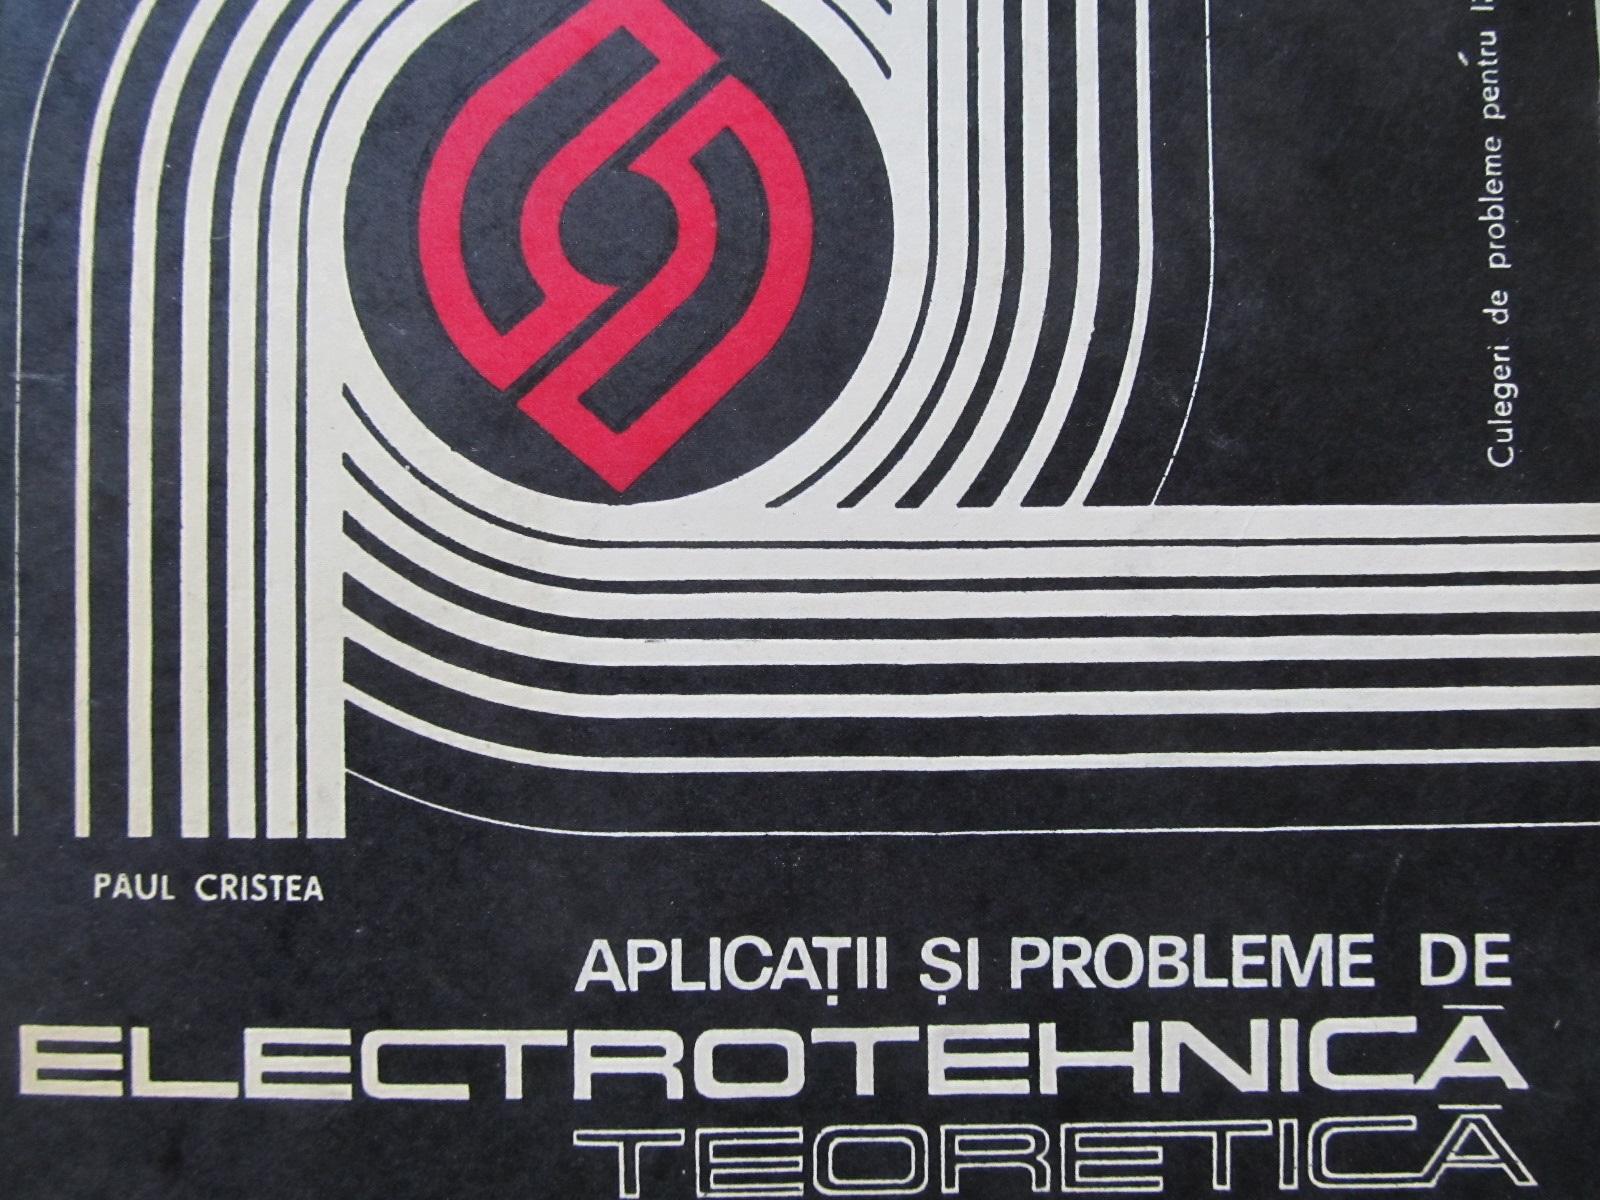 Aplicatii si probleme de electrotehnica teoretica [1] - Paul Cristea | Detalii carte